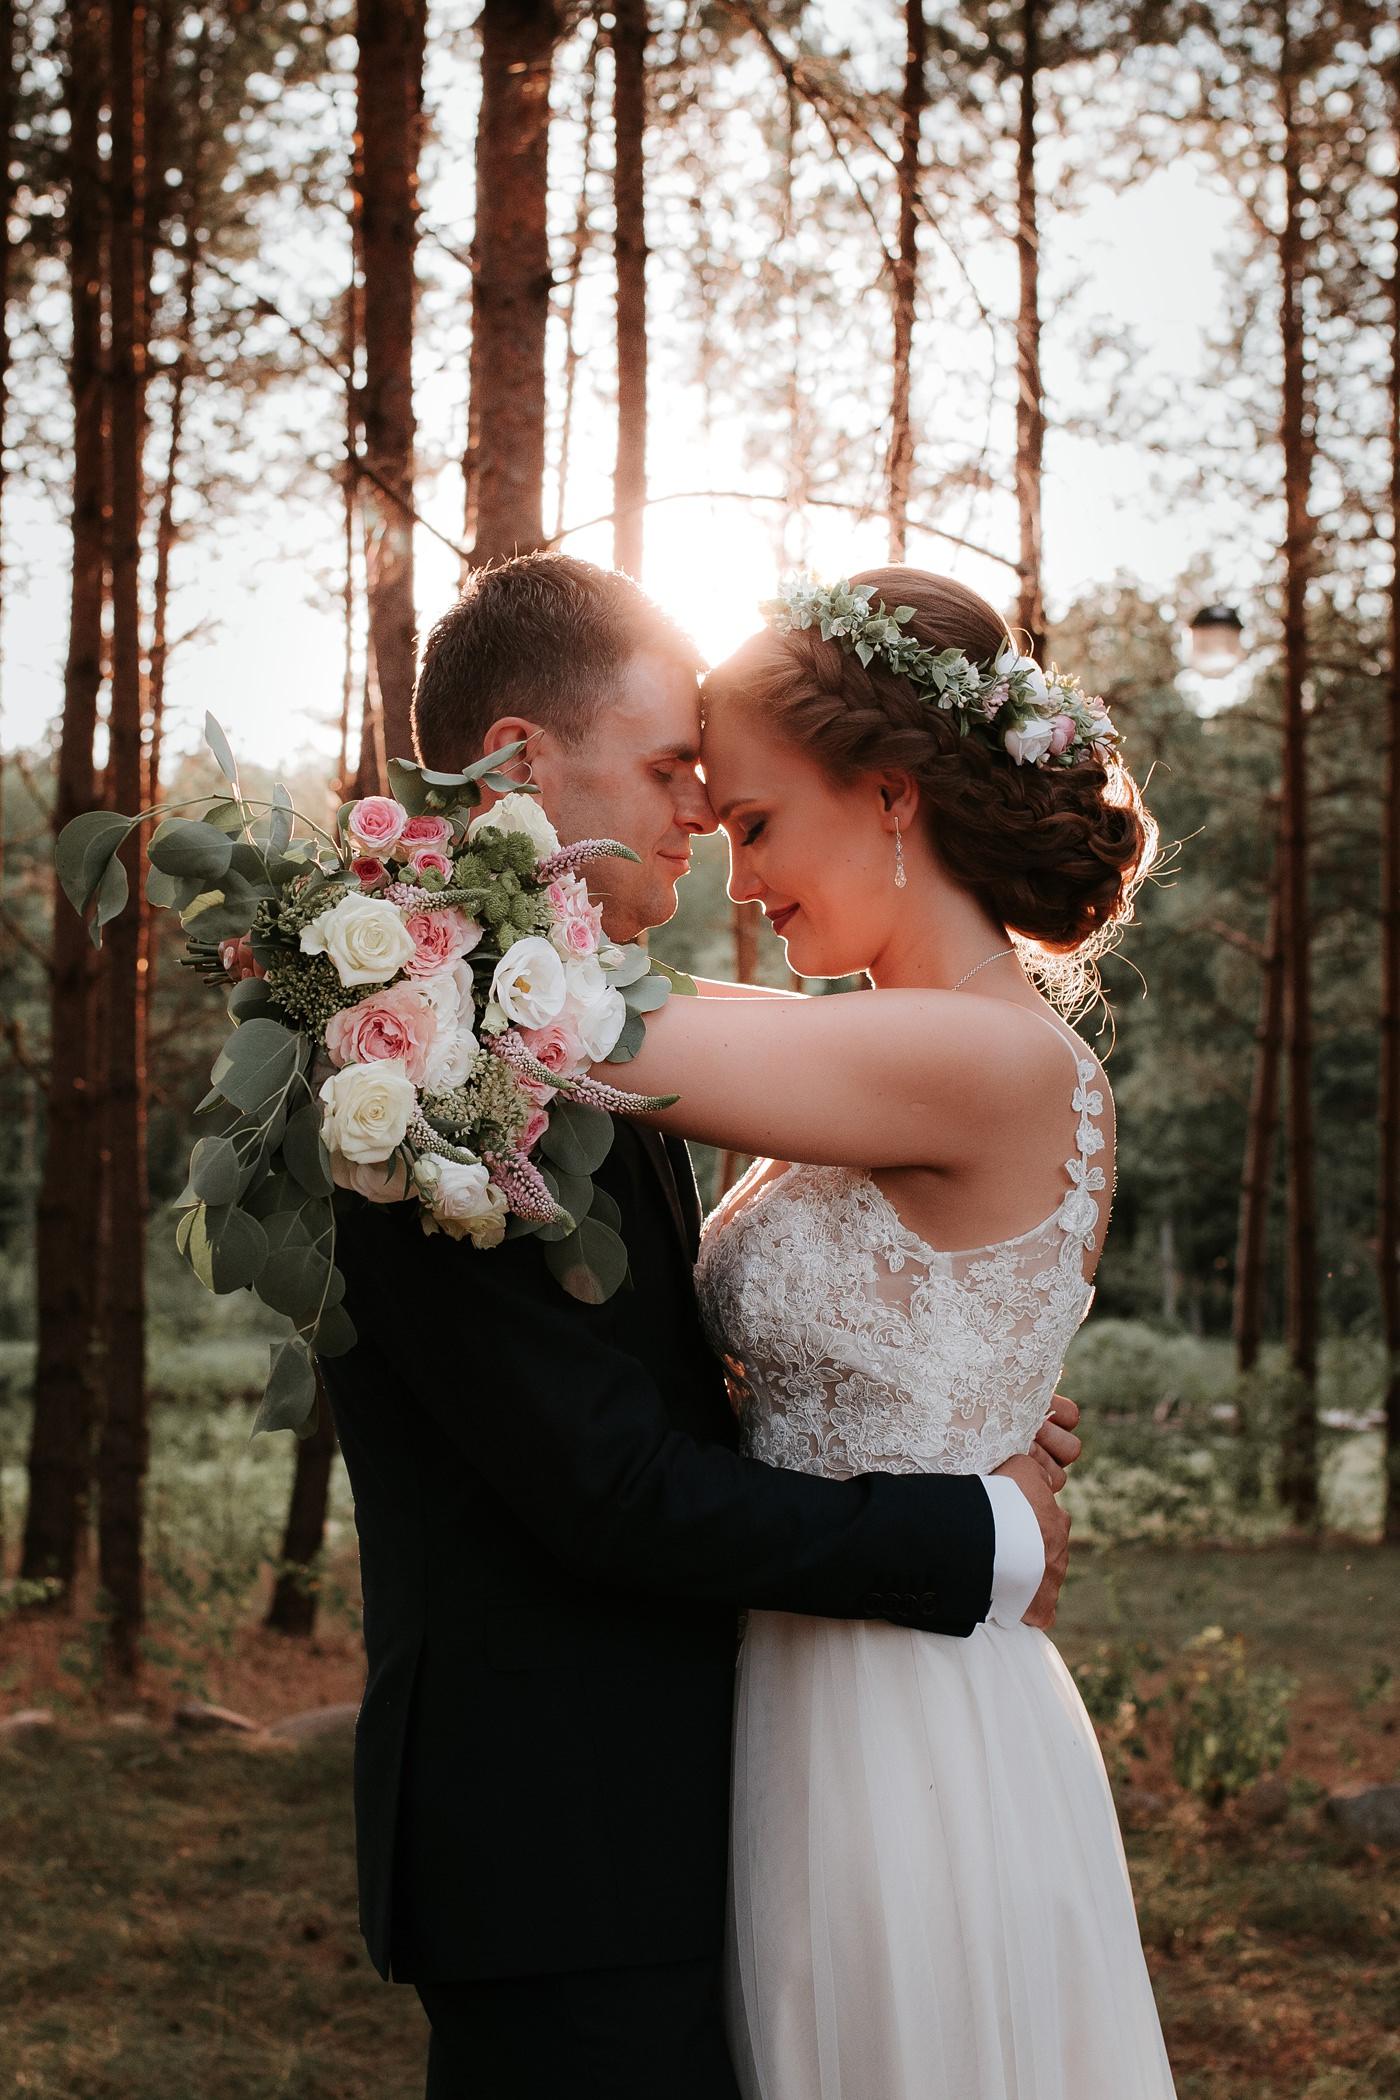 Anna & Wojtek - Ślub cywilny w plenerze - Barnówko w Sam Las 85